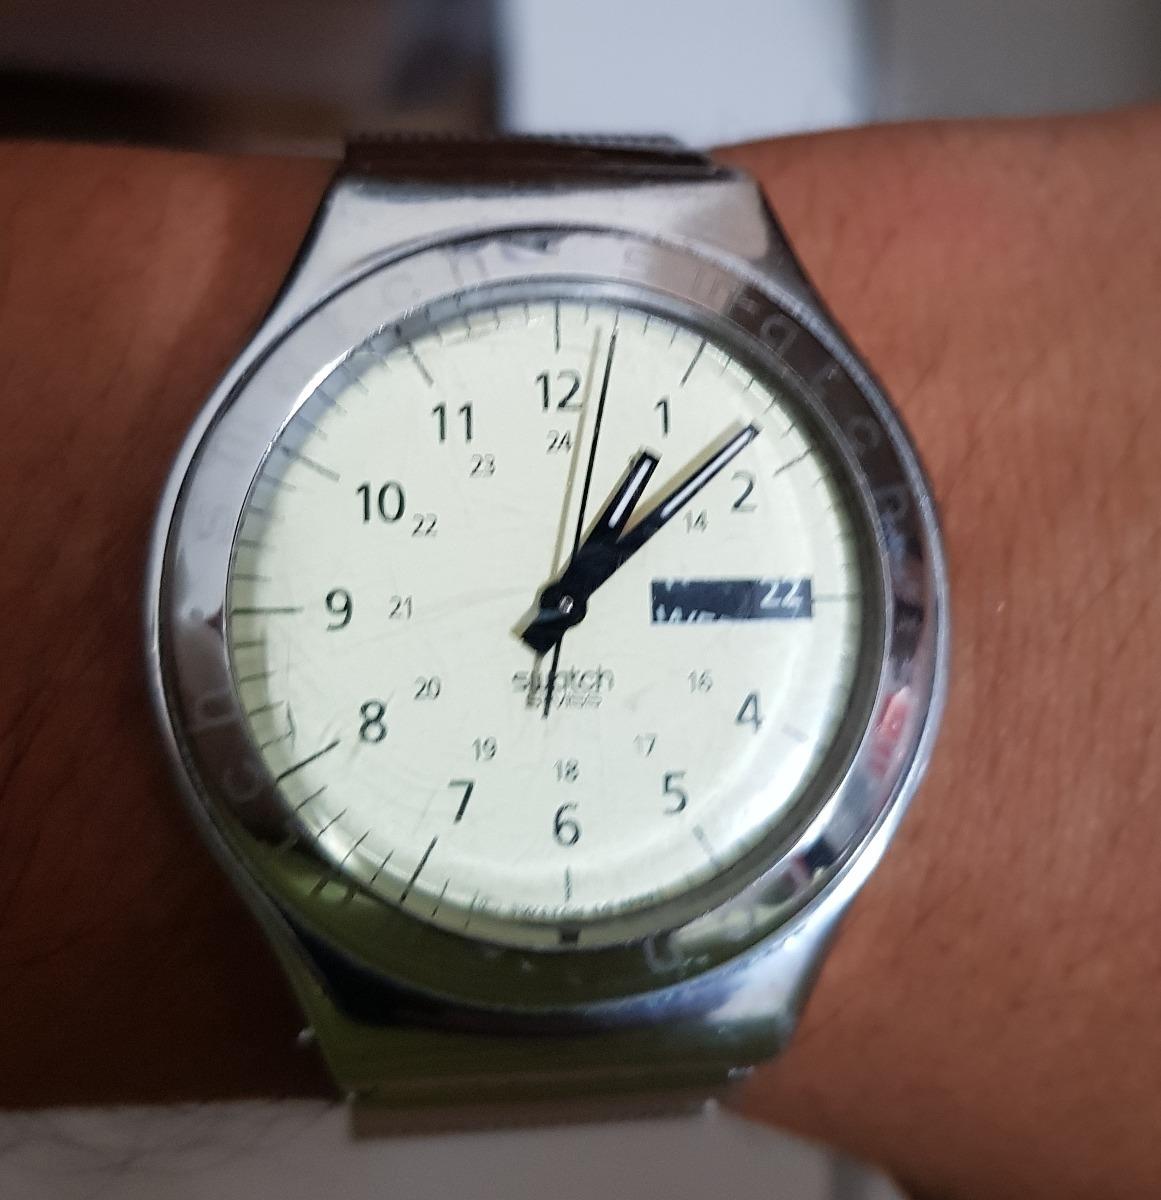 246b6923a65 Relogio Swatch Usado Abaixei Valor Para Conserto - R  50